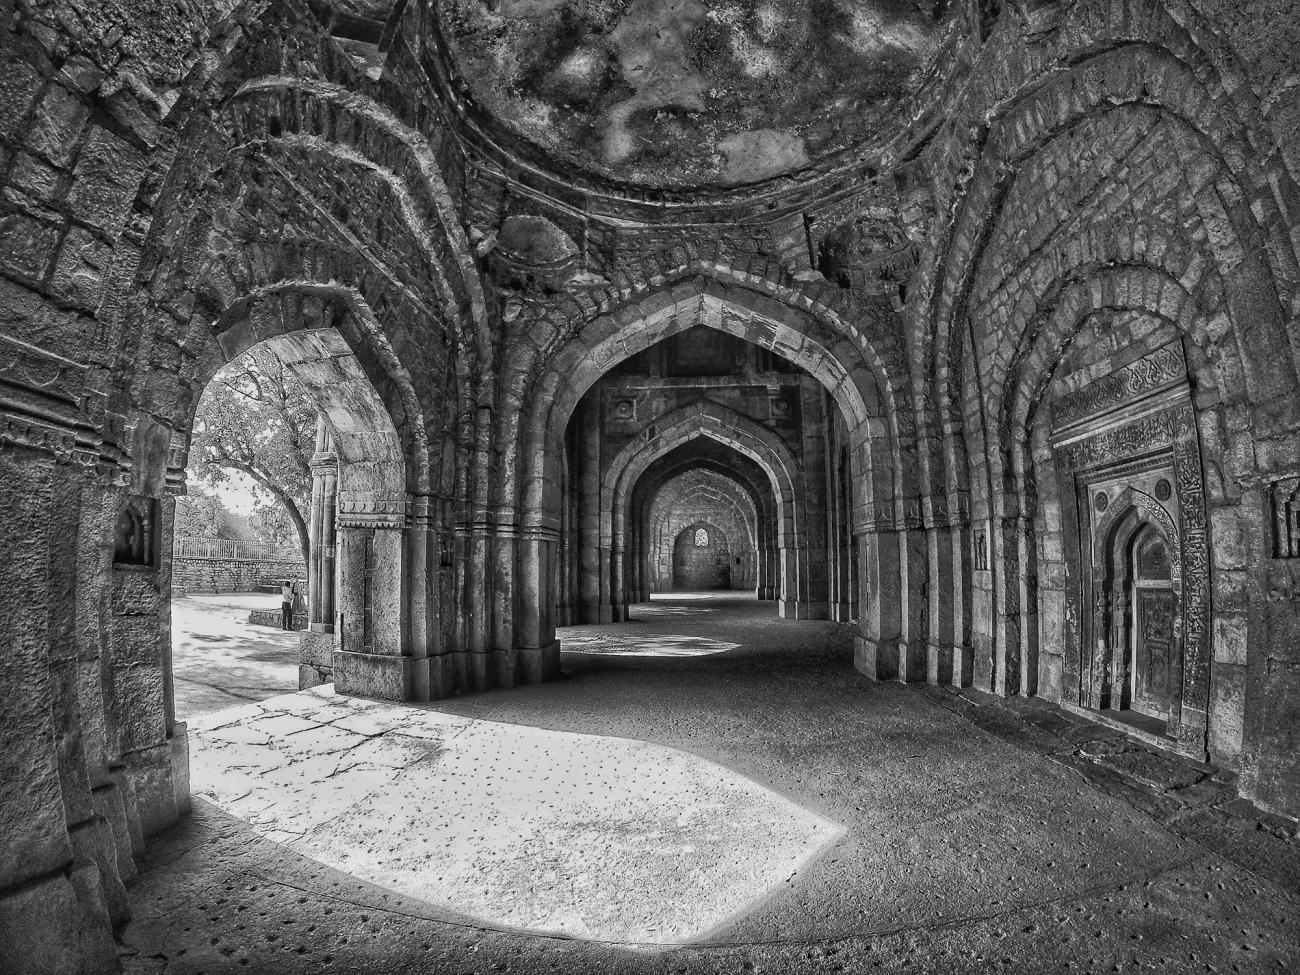 Mehrauli, New Delhi